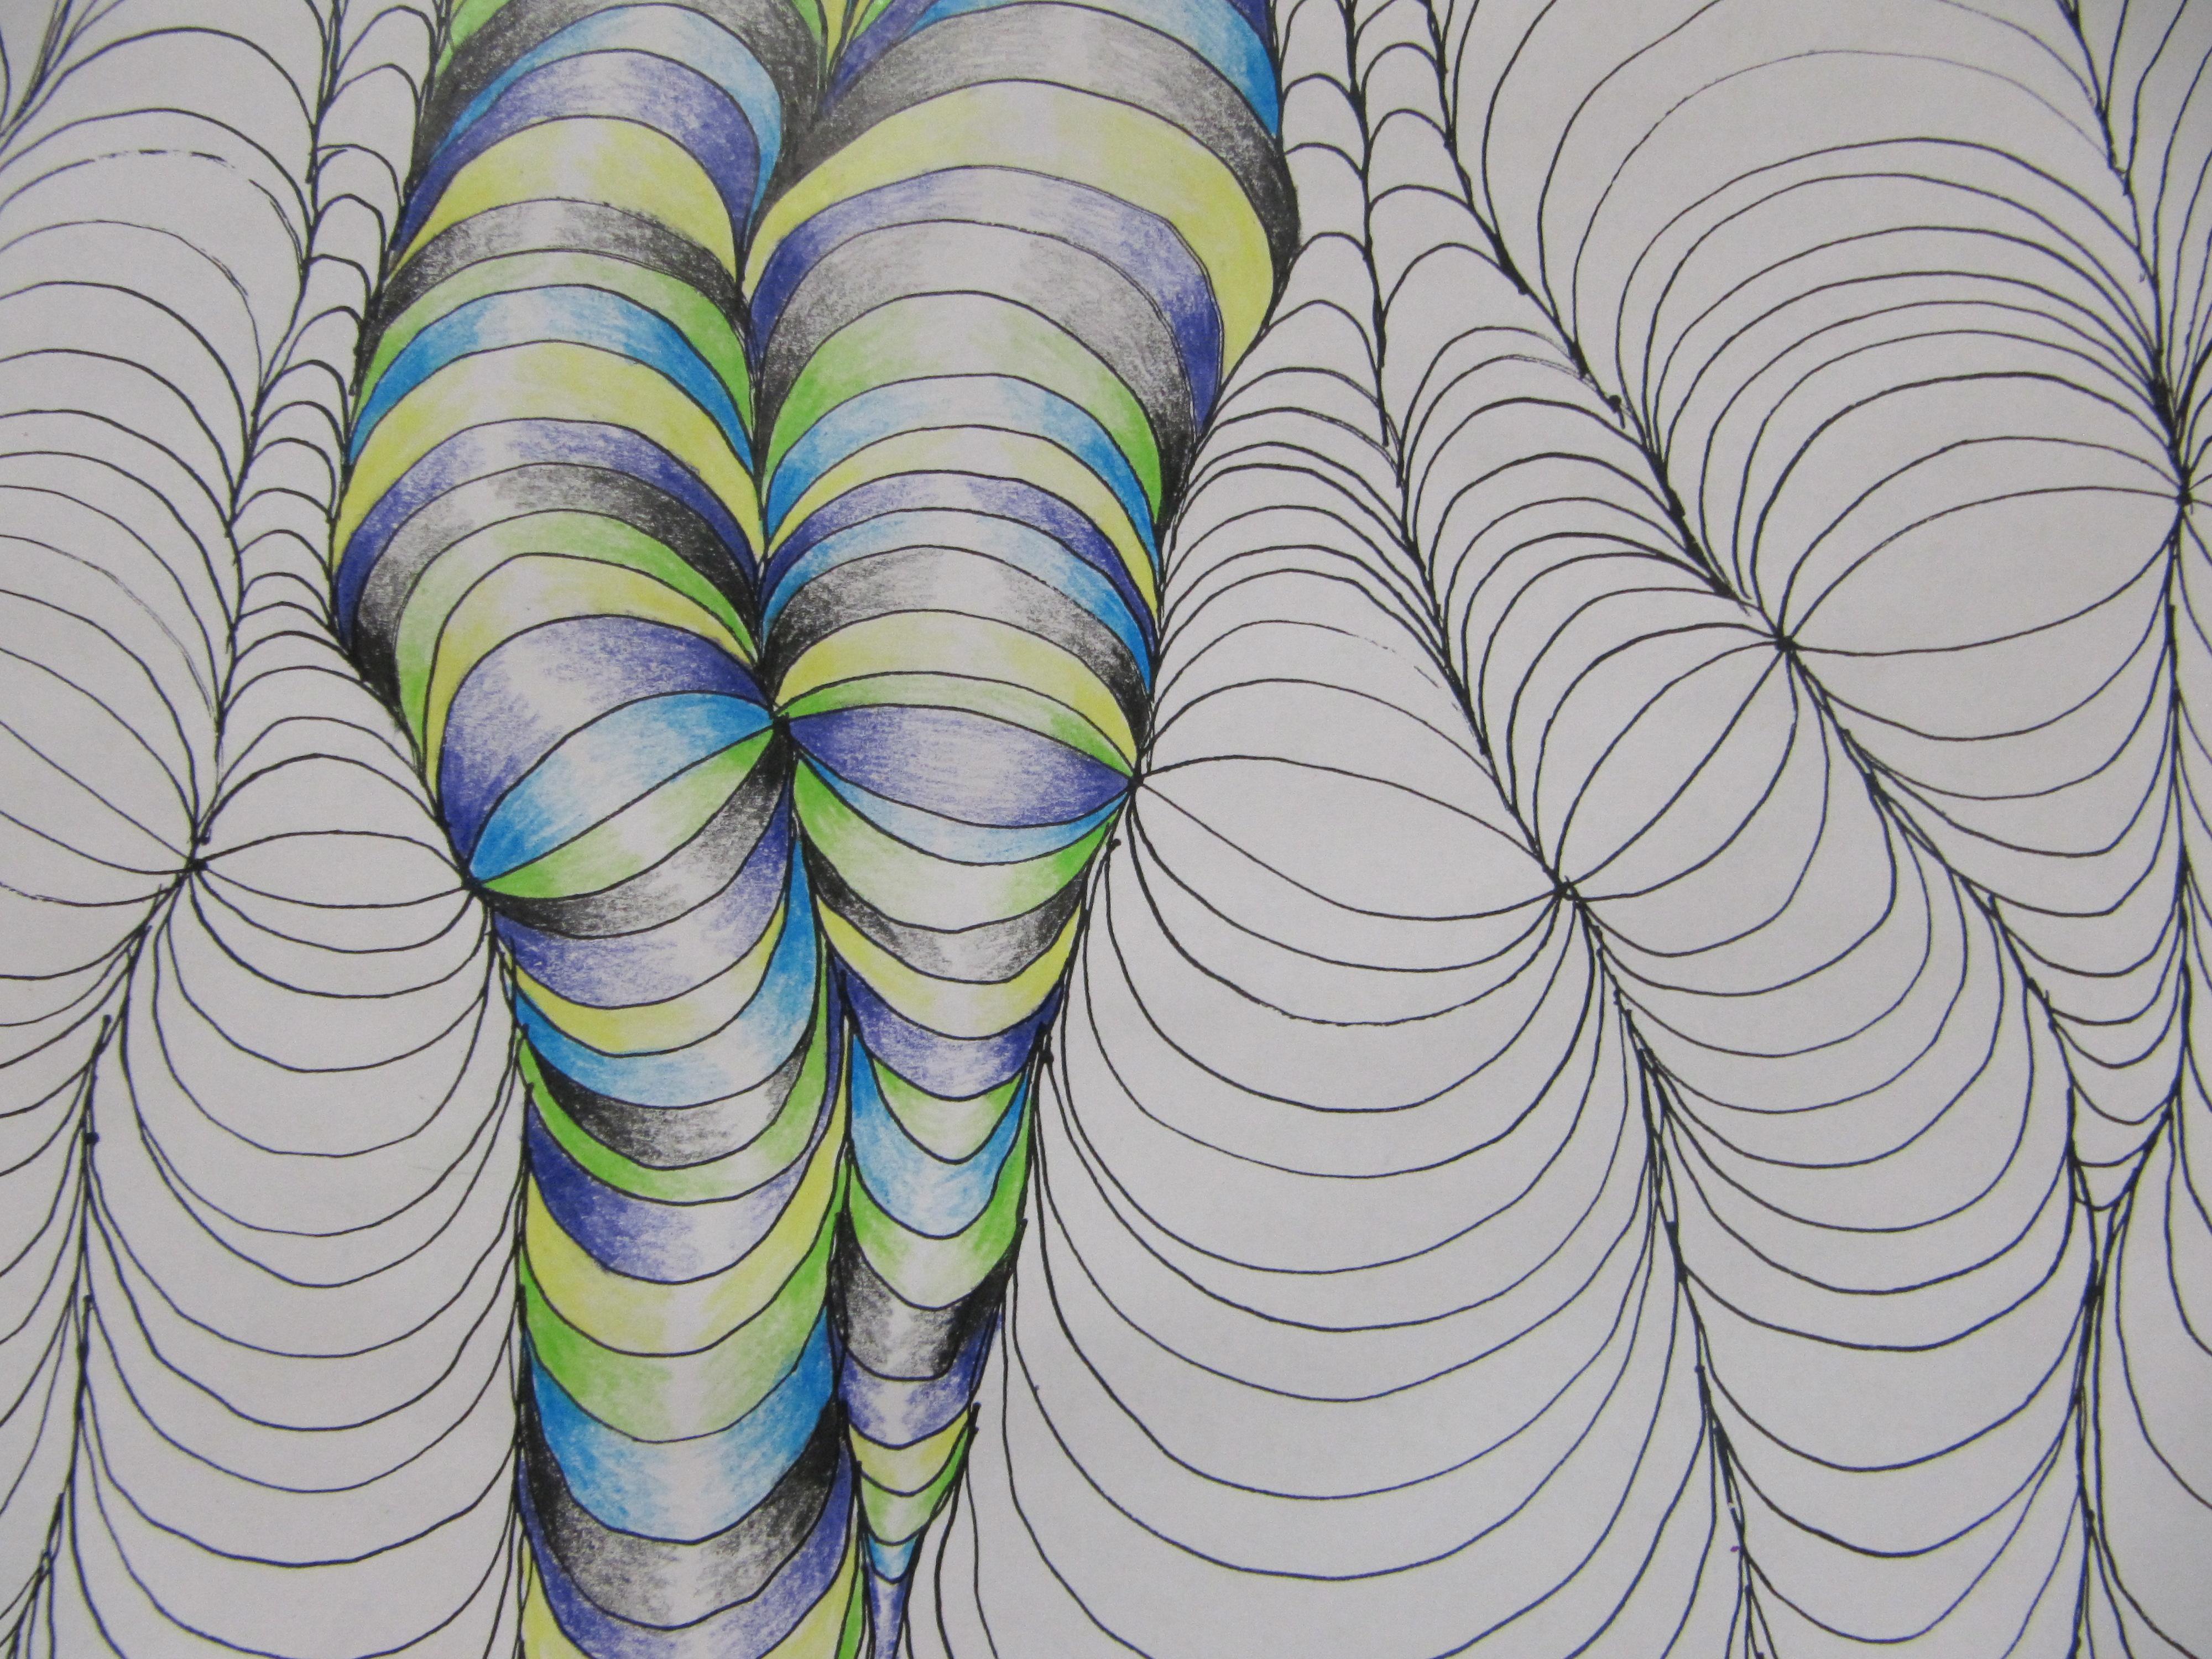 Drawn optical illusion artistic Optical E Mr Illusions Optical